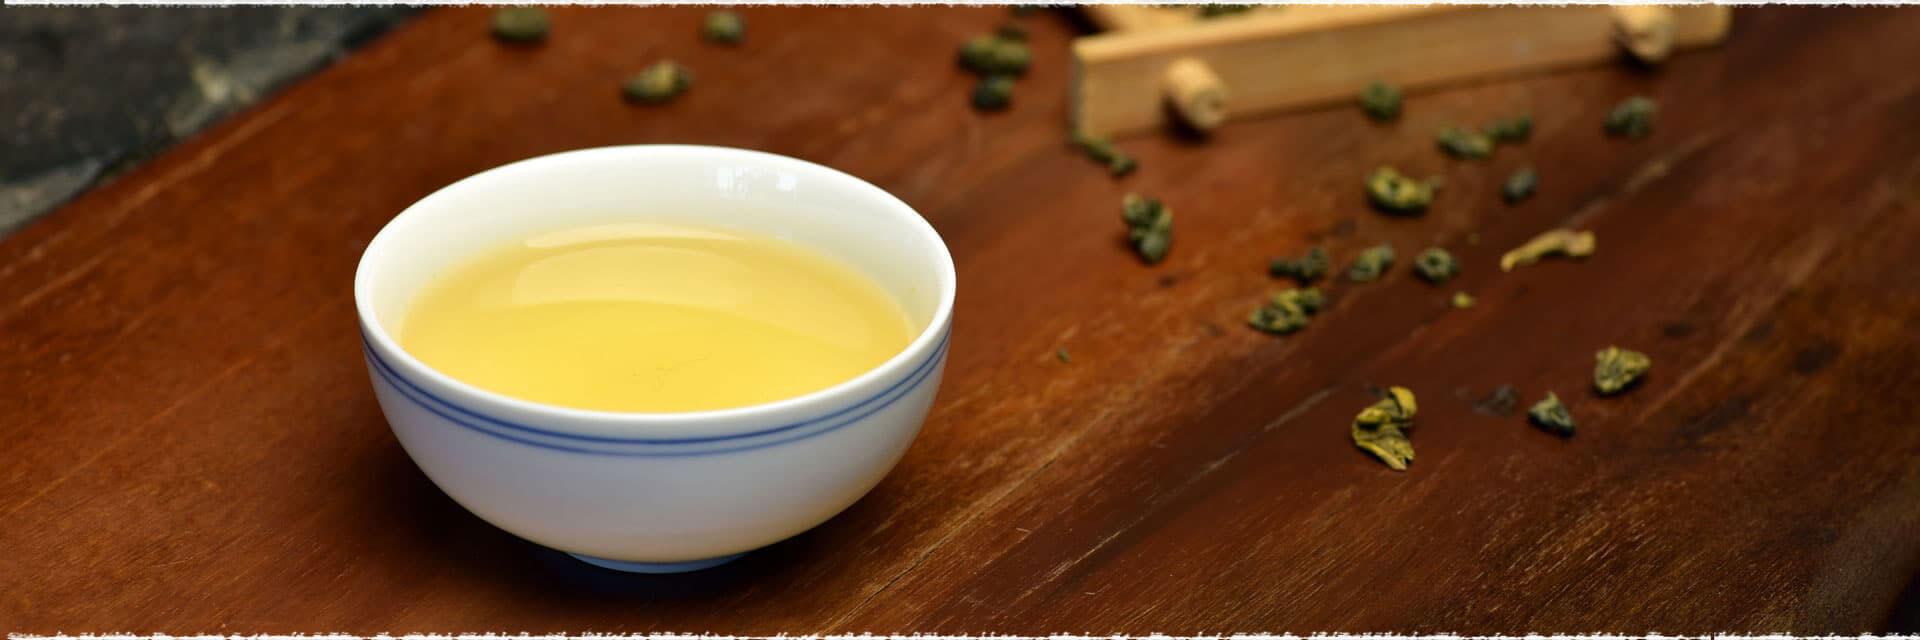 How to brew Chinese Gunpowder tea?